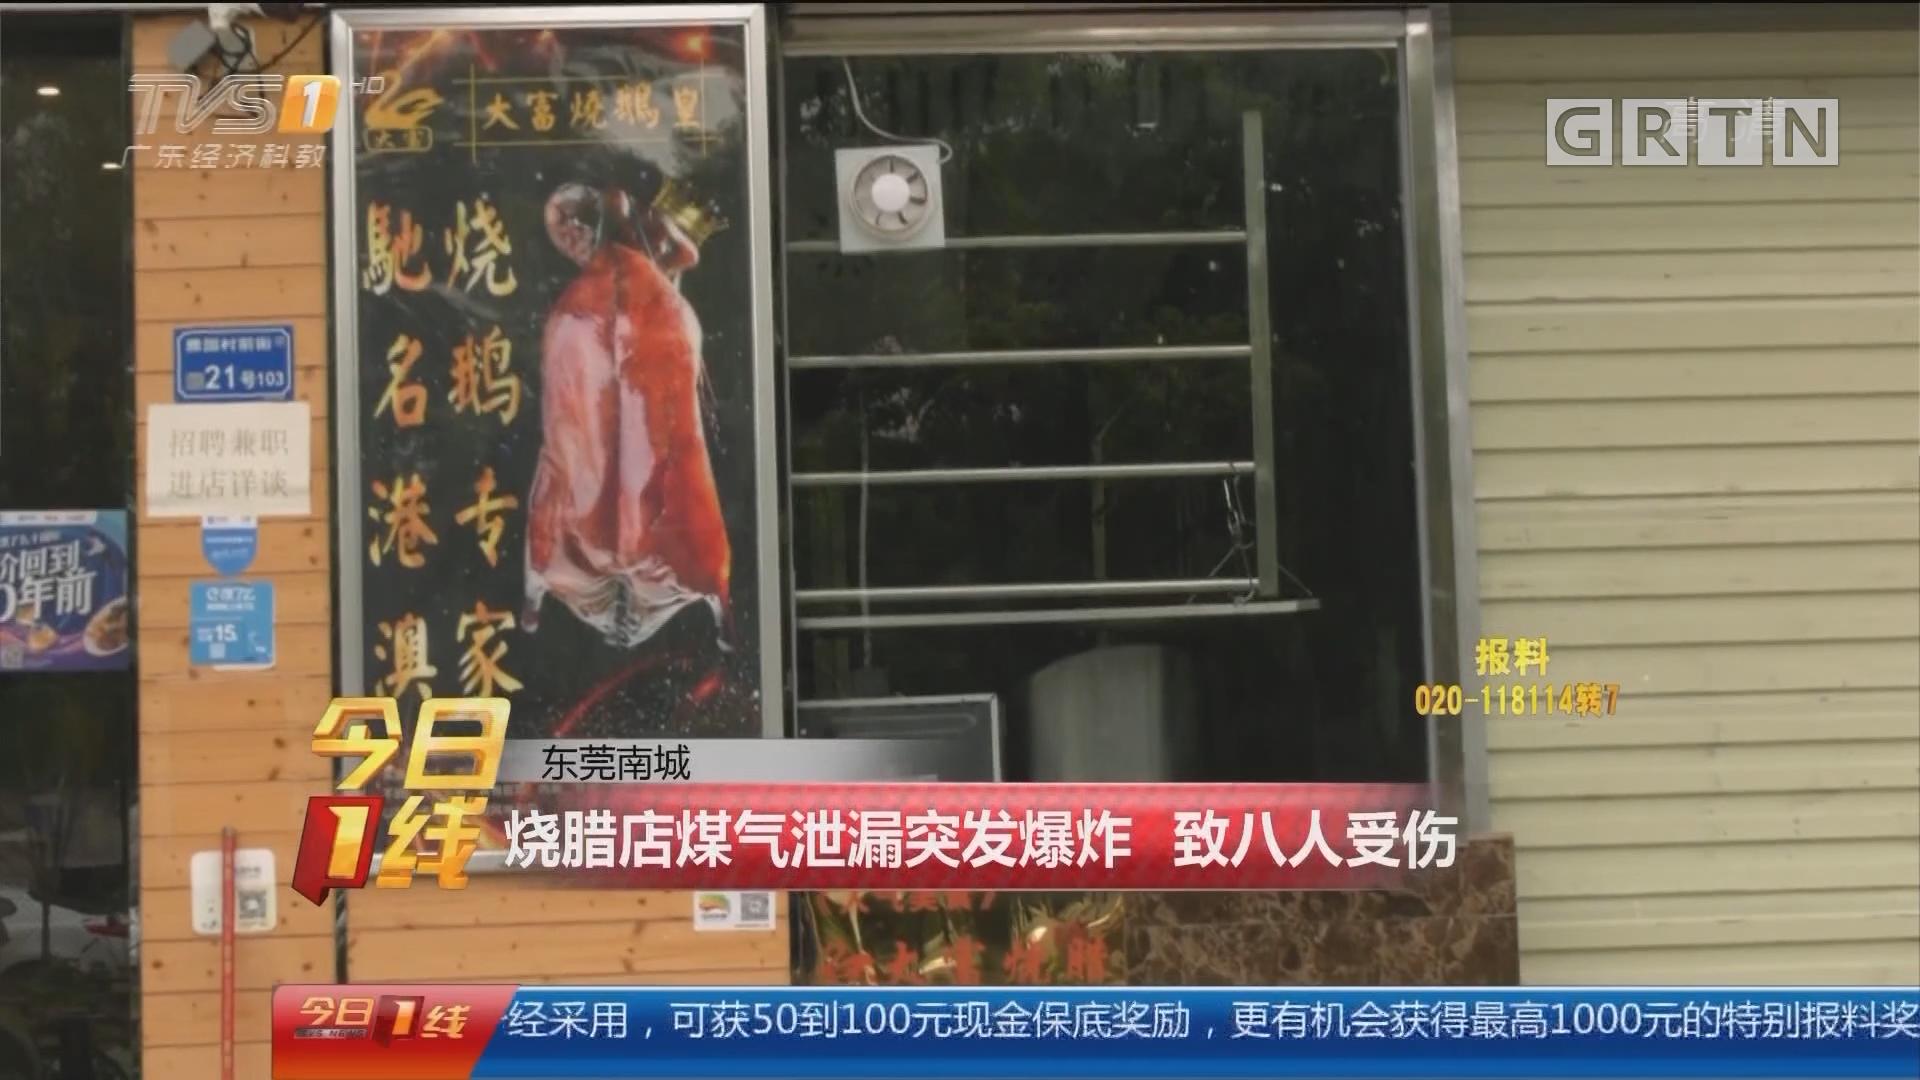 东莞南城:烧腊店煤气泄漏突发爆炸 致八人受伤